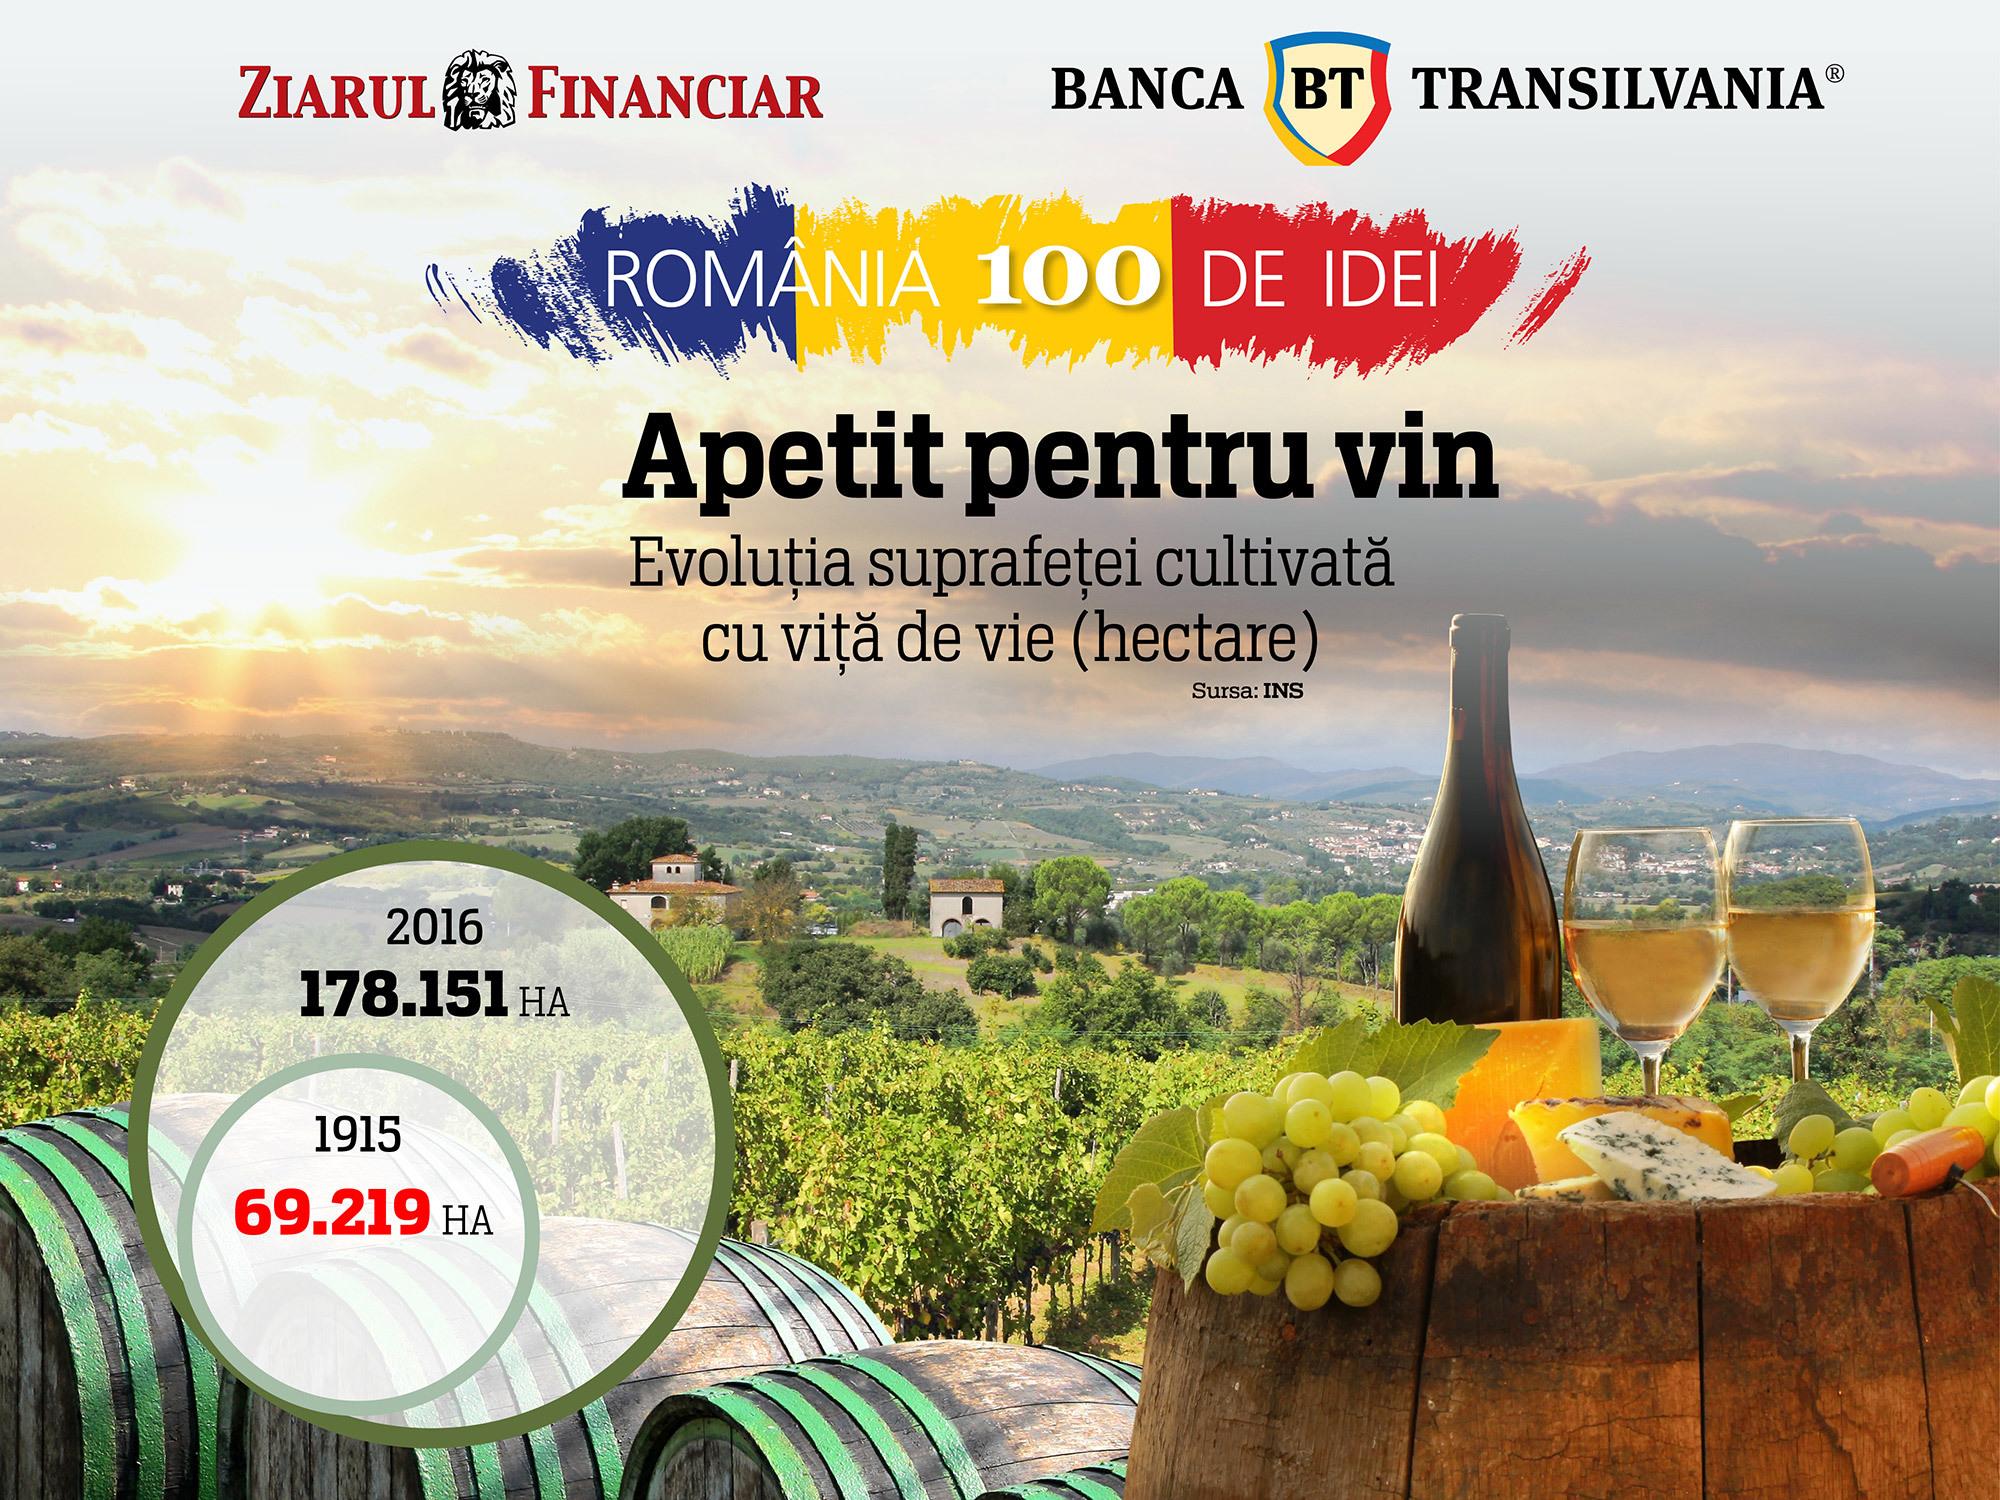 Un secol într-un pahar: suprafaţa cultivată cu viţă-de-vie a crescut de 2,5 ori în ultimii 100 de ani. România, în top 10 european la producţia de vin